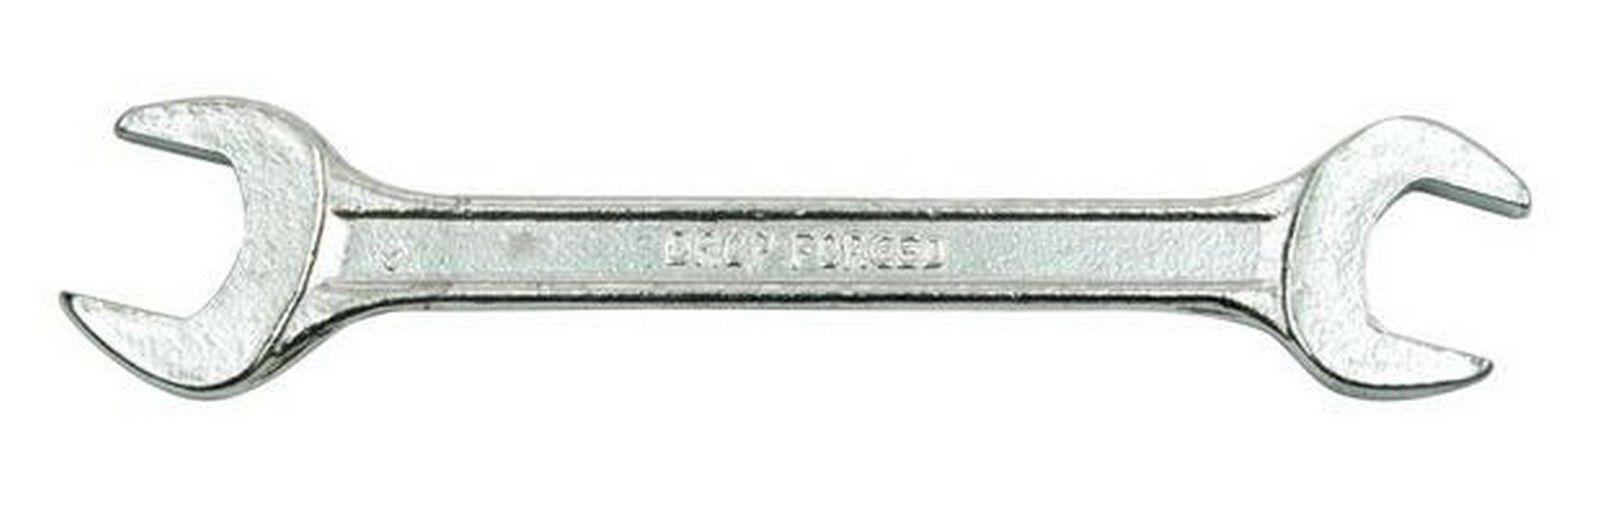 Klíč plochý 24 x 27 mm TOYA